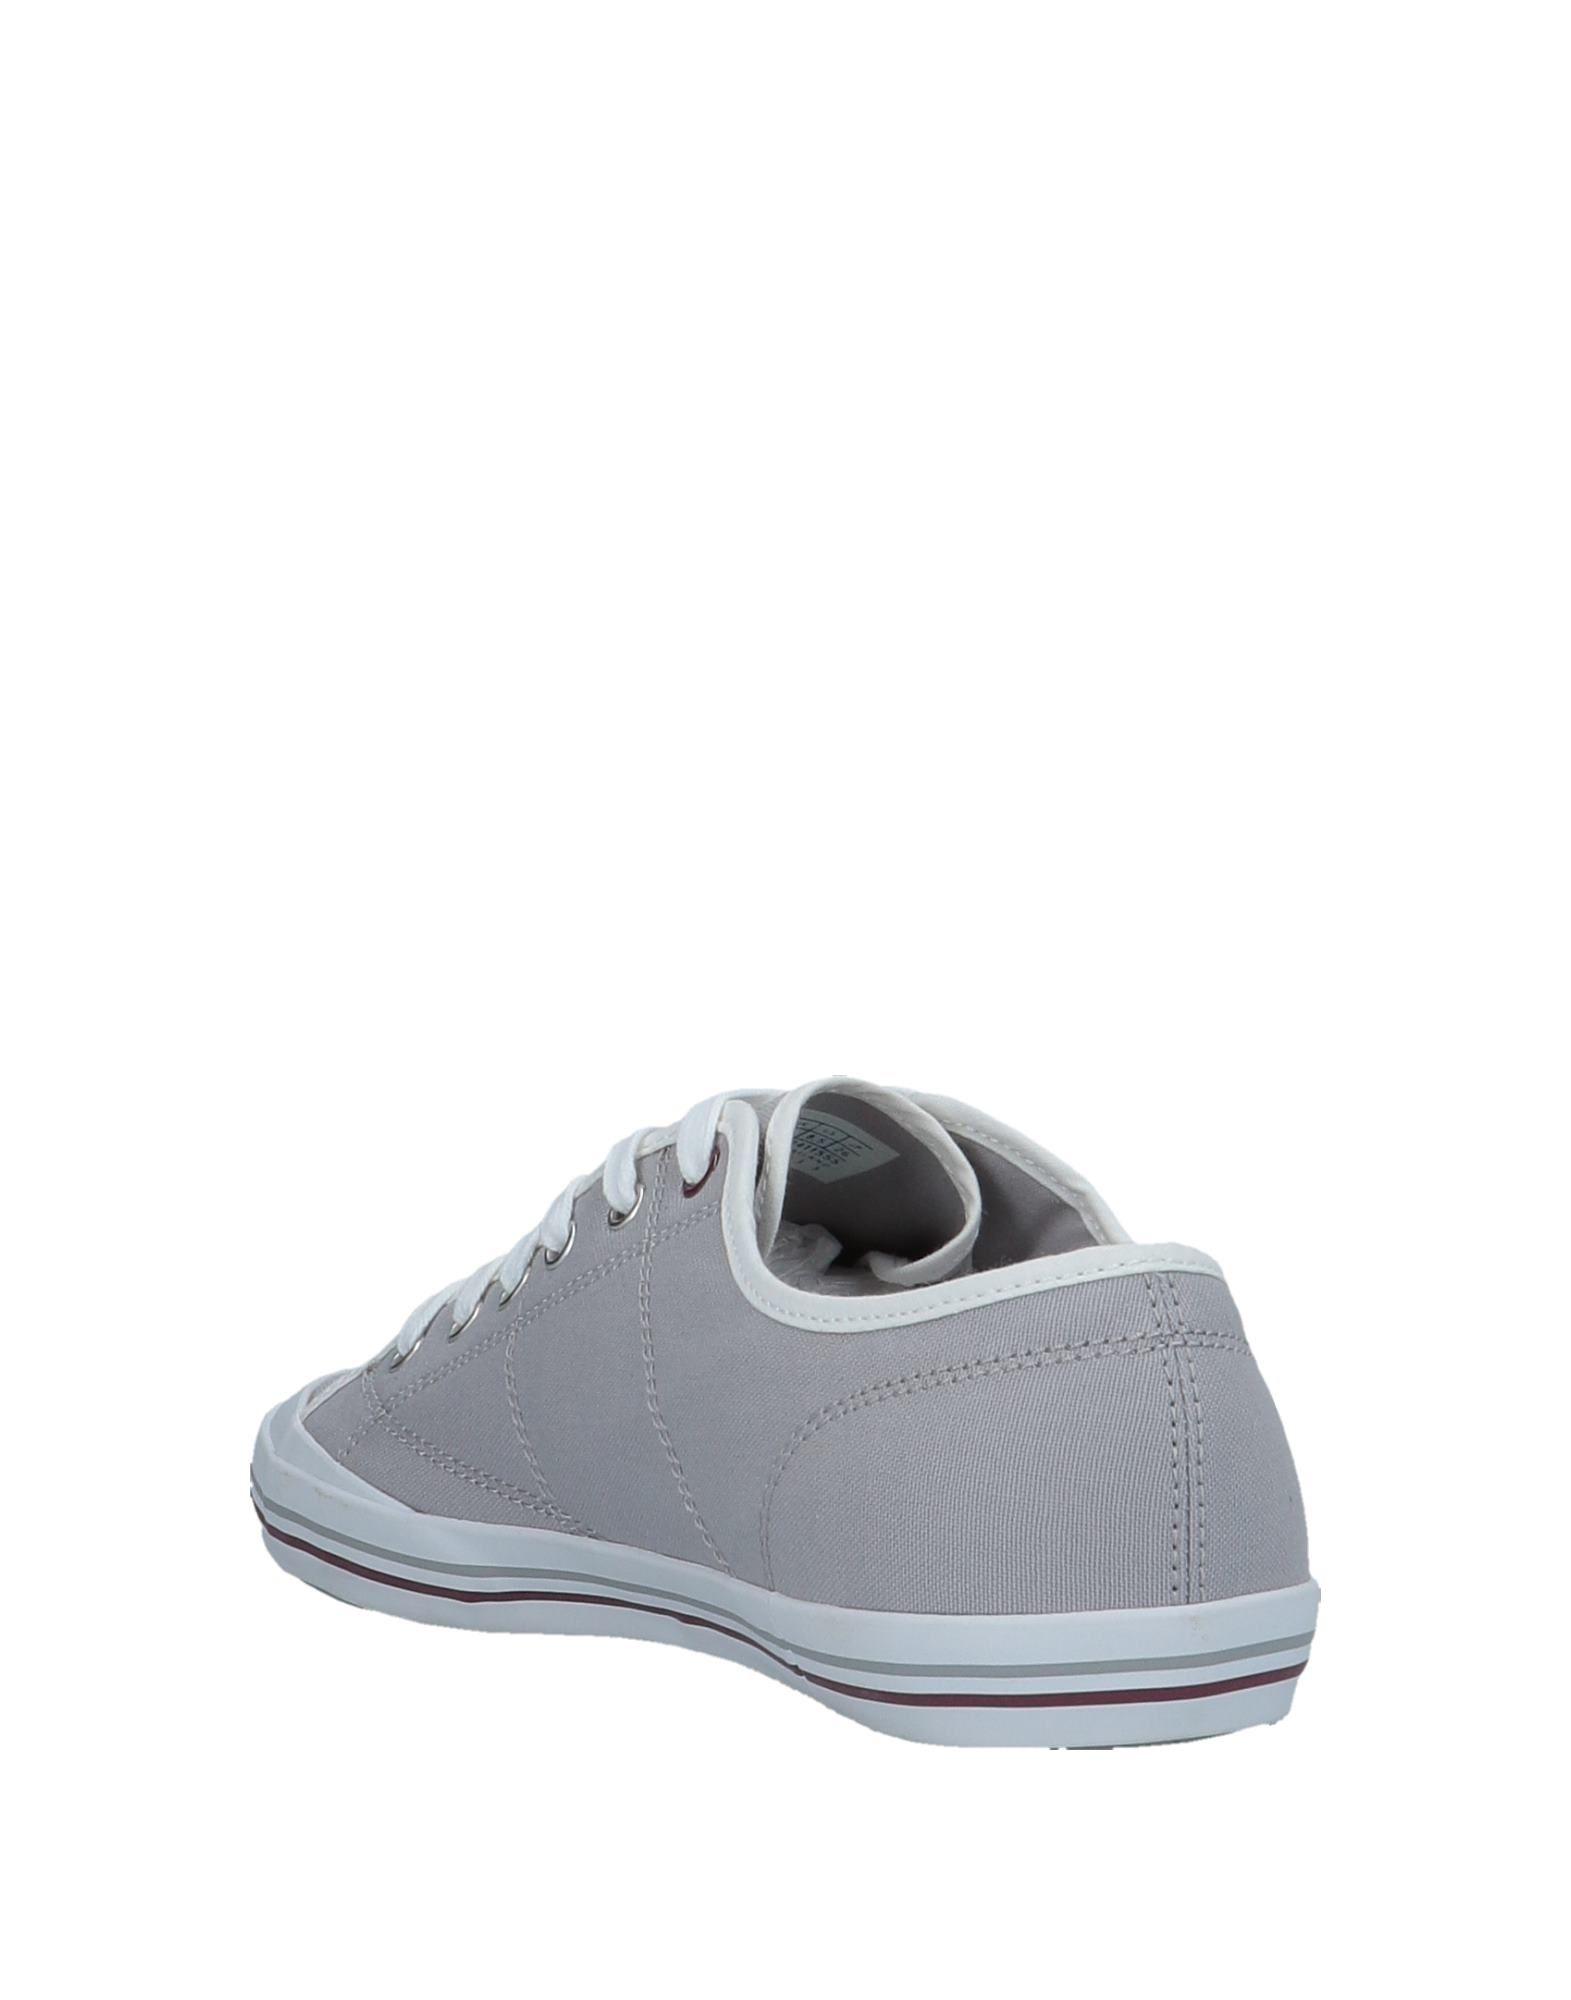 Le Coq Sportif Sportif Sportif Sneakers - Men Le Coq Sportif Sneakers online on  Australia - 11539149AX 82a81a